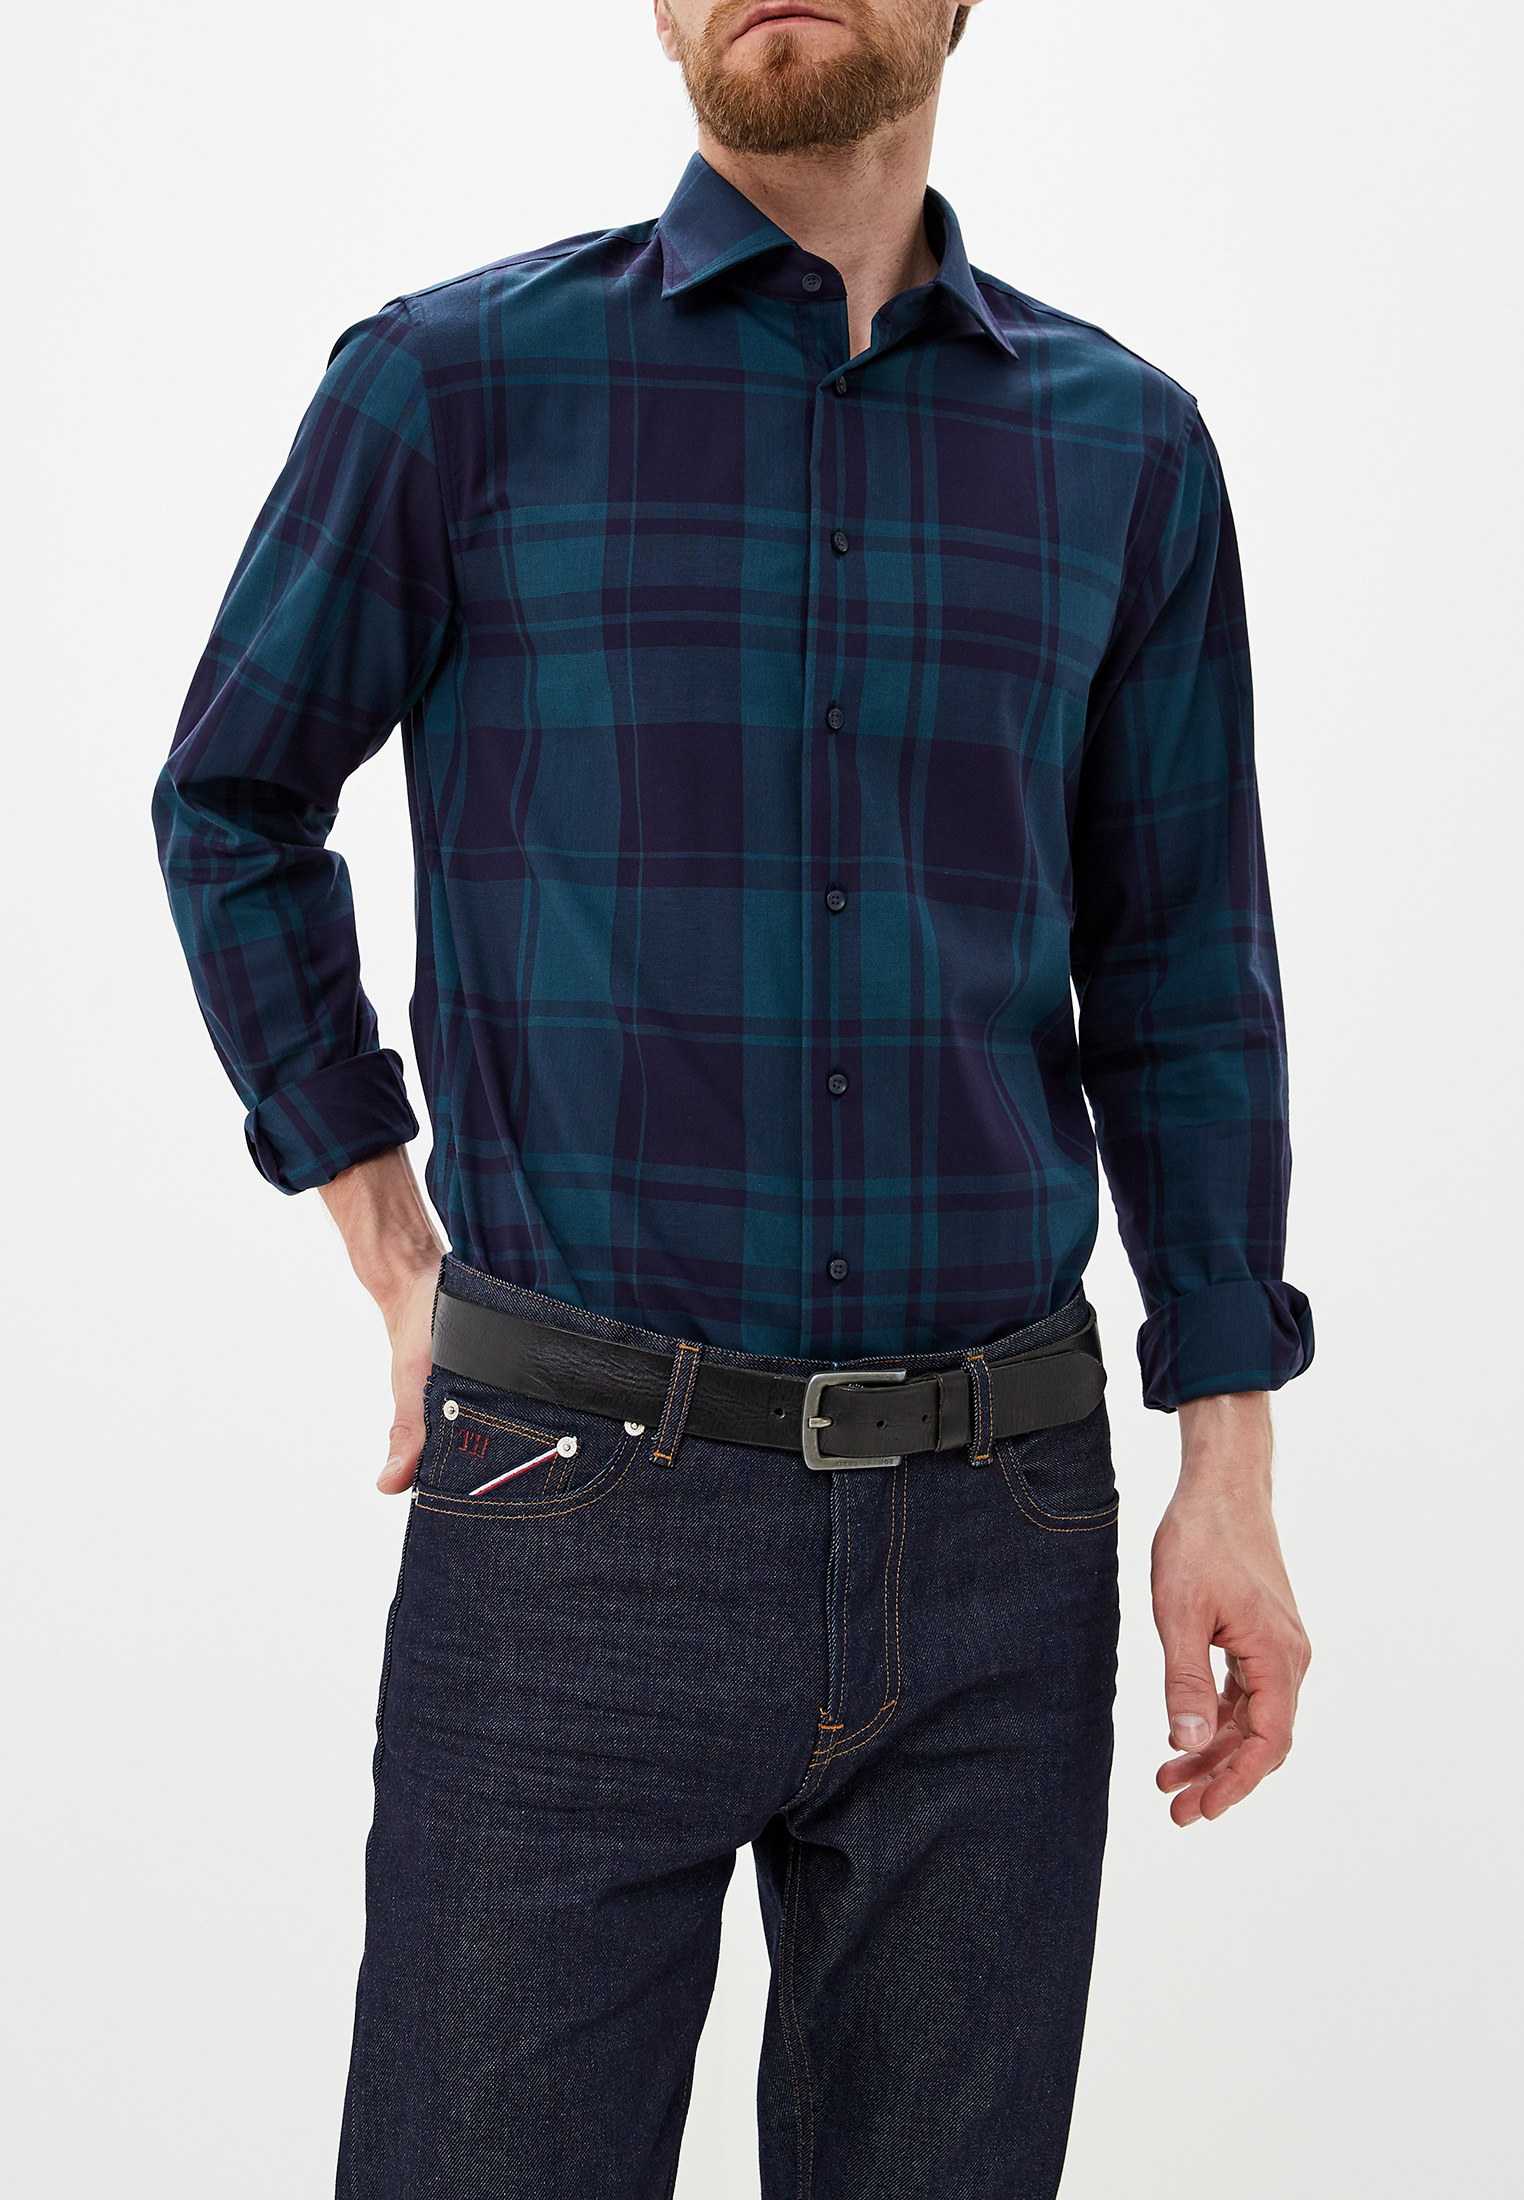 Рубашка с длинным рукавом Tommy Hilfiger (Томми Хилфигер) TT0TT05550